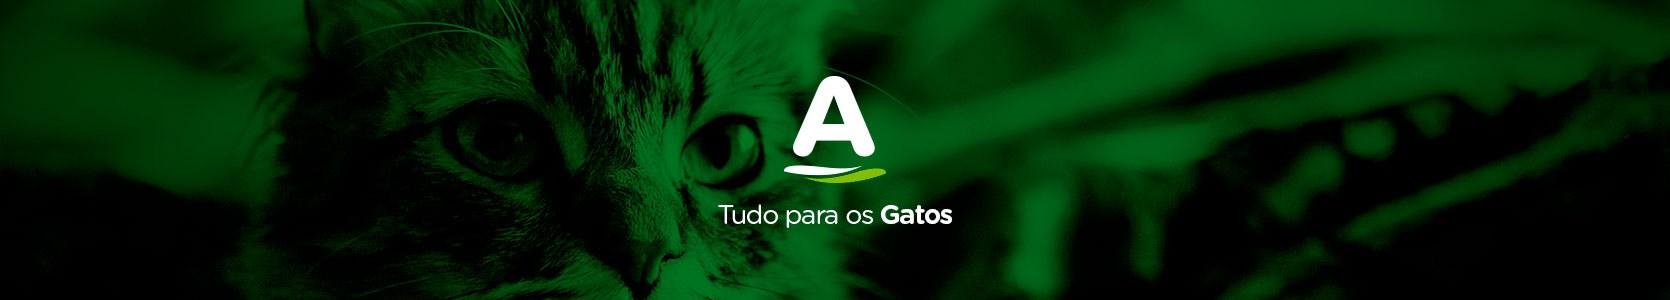 Categoria para Gatos